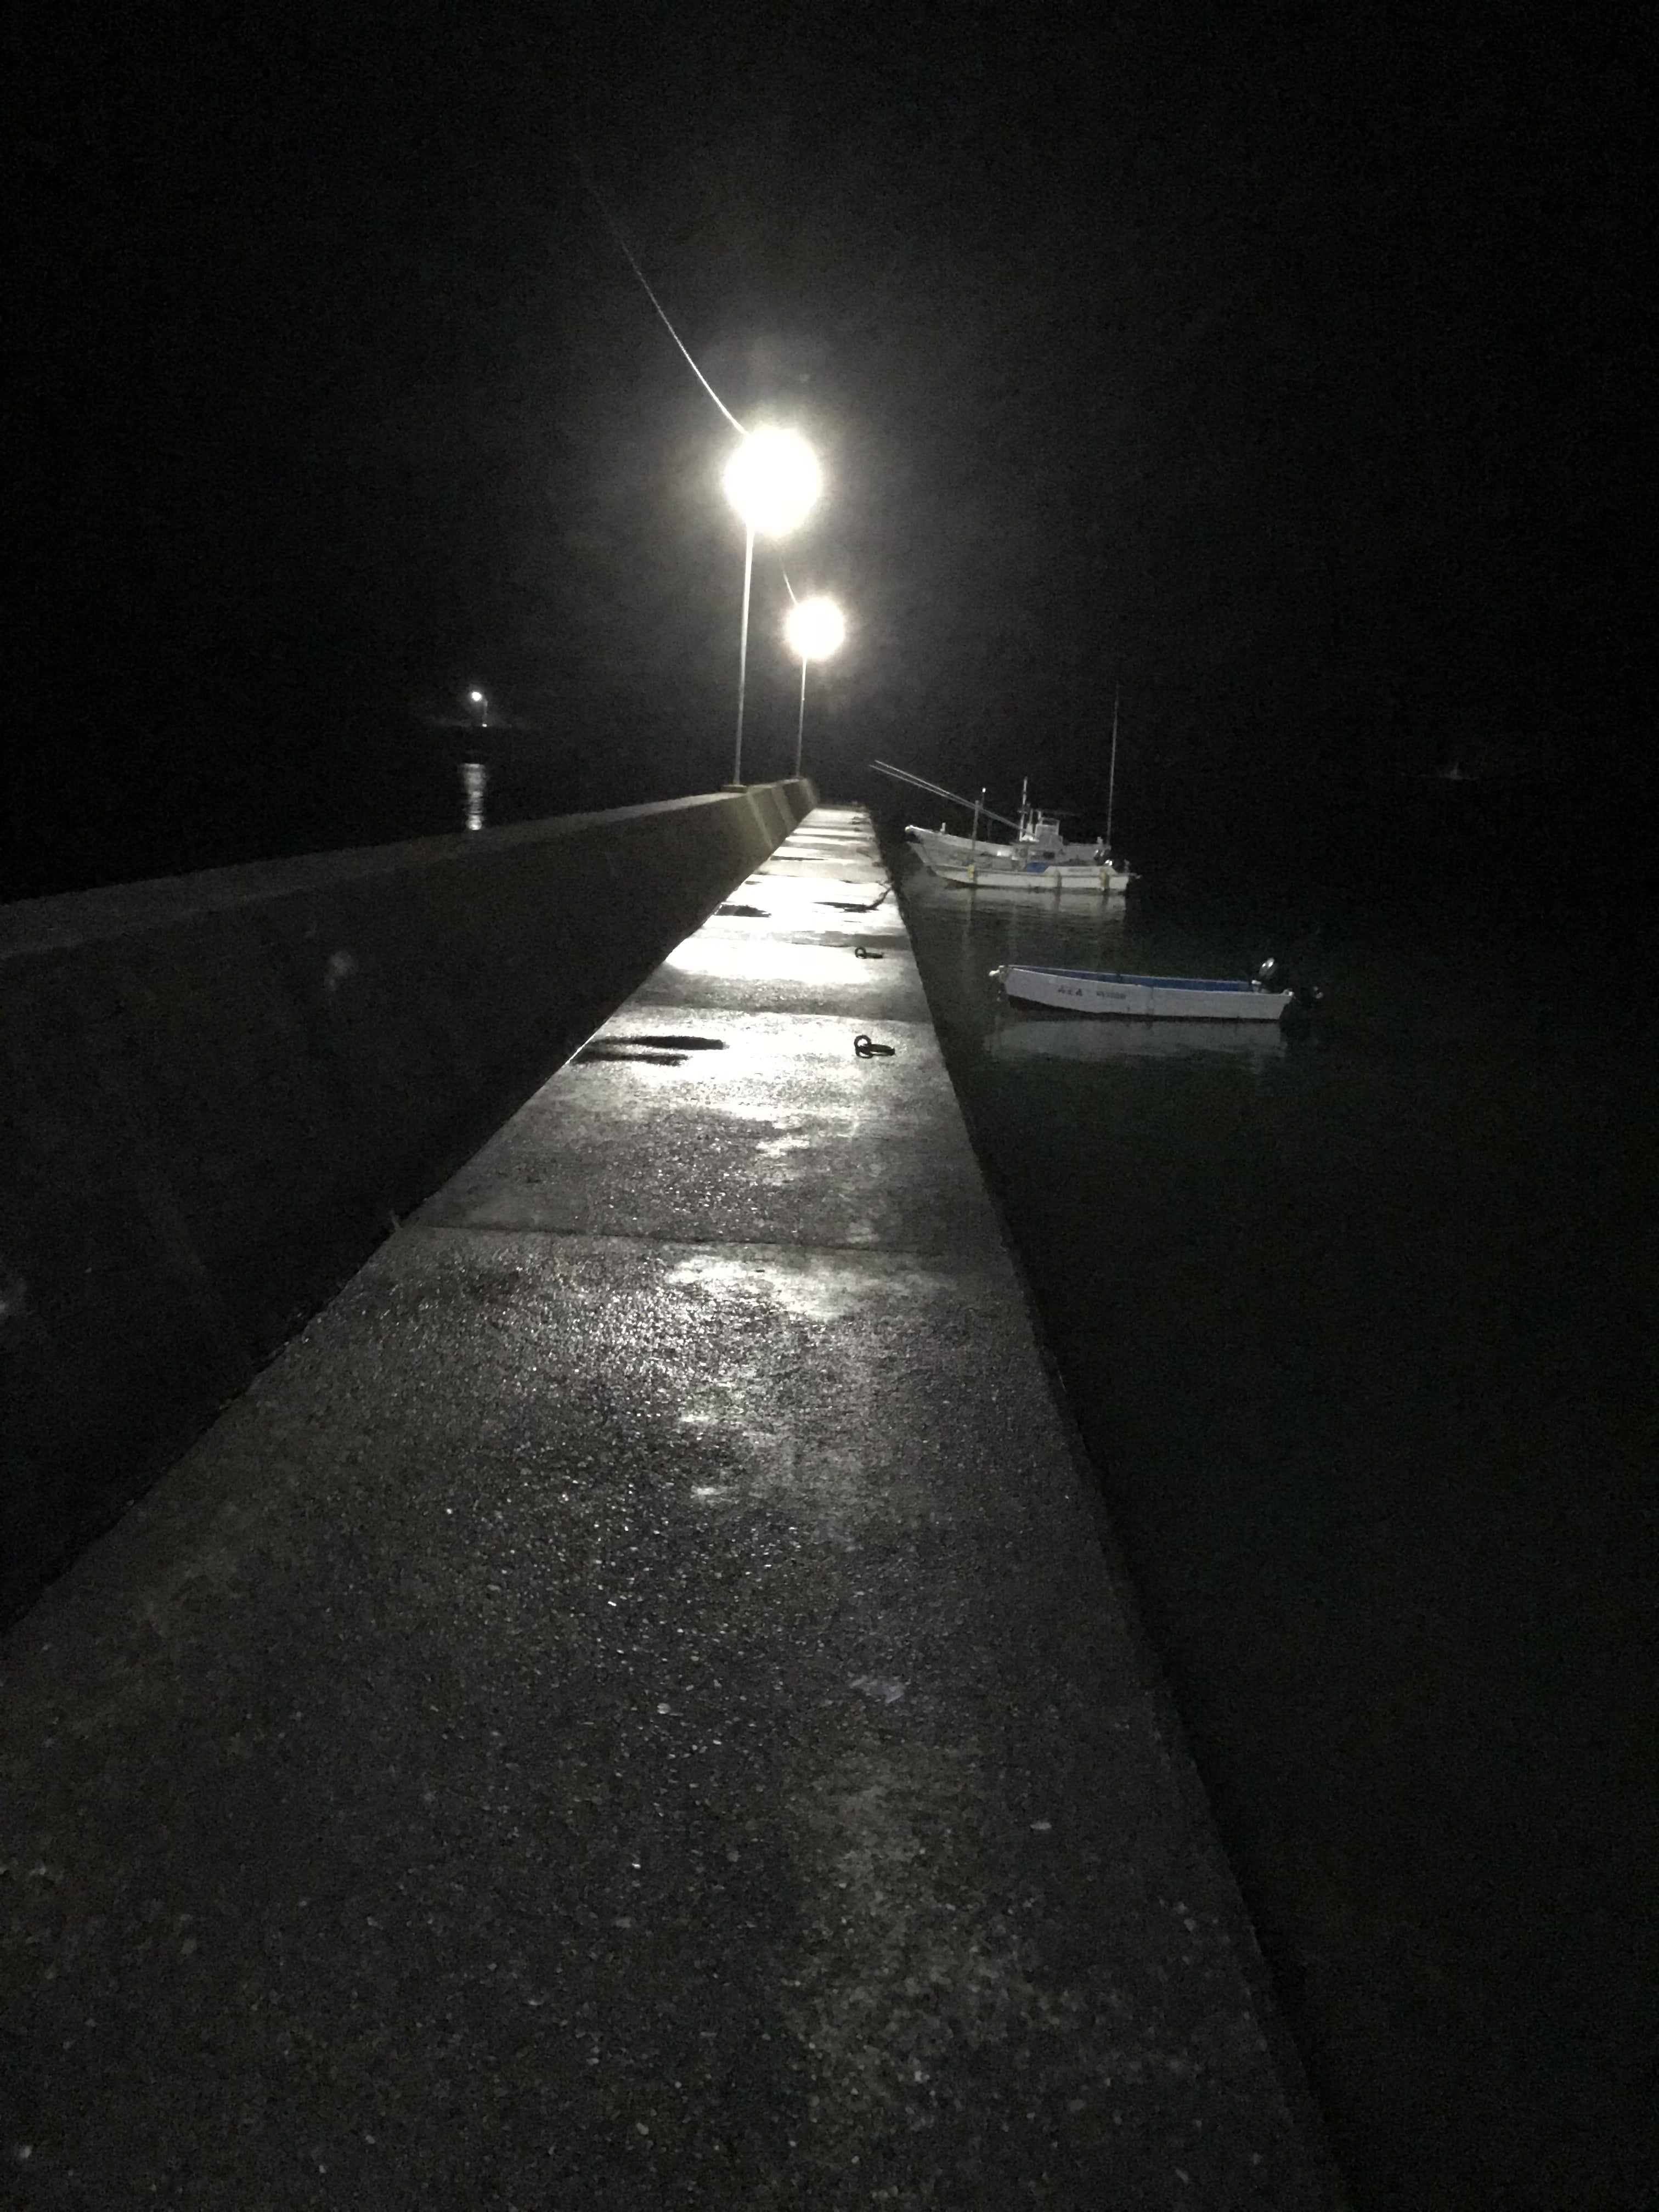 江田の堤防の釣り場紹介(和歌山南紀串本):手軽に常夜灯でナイトエギング